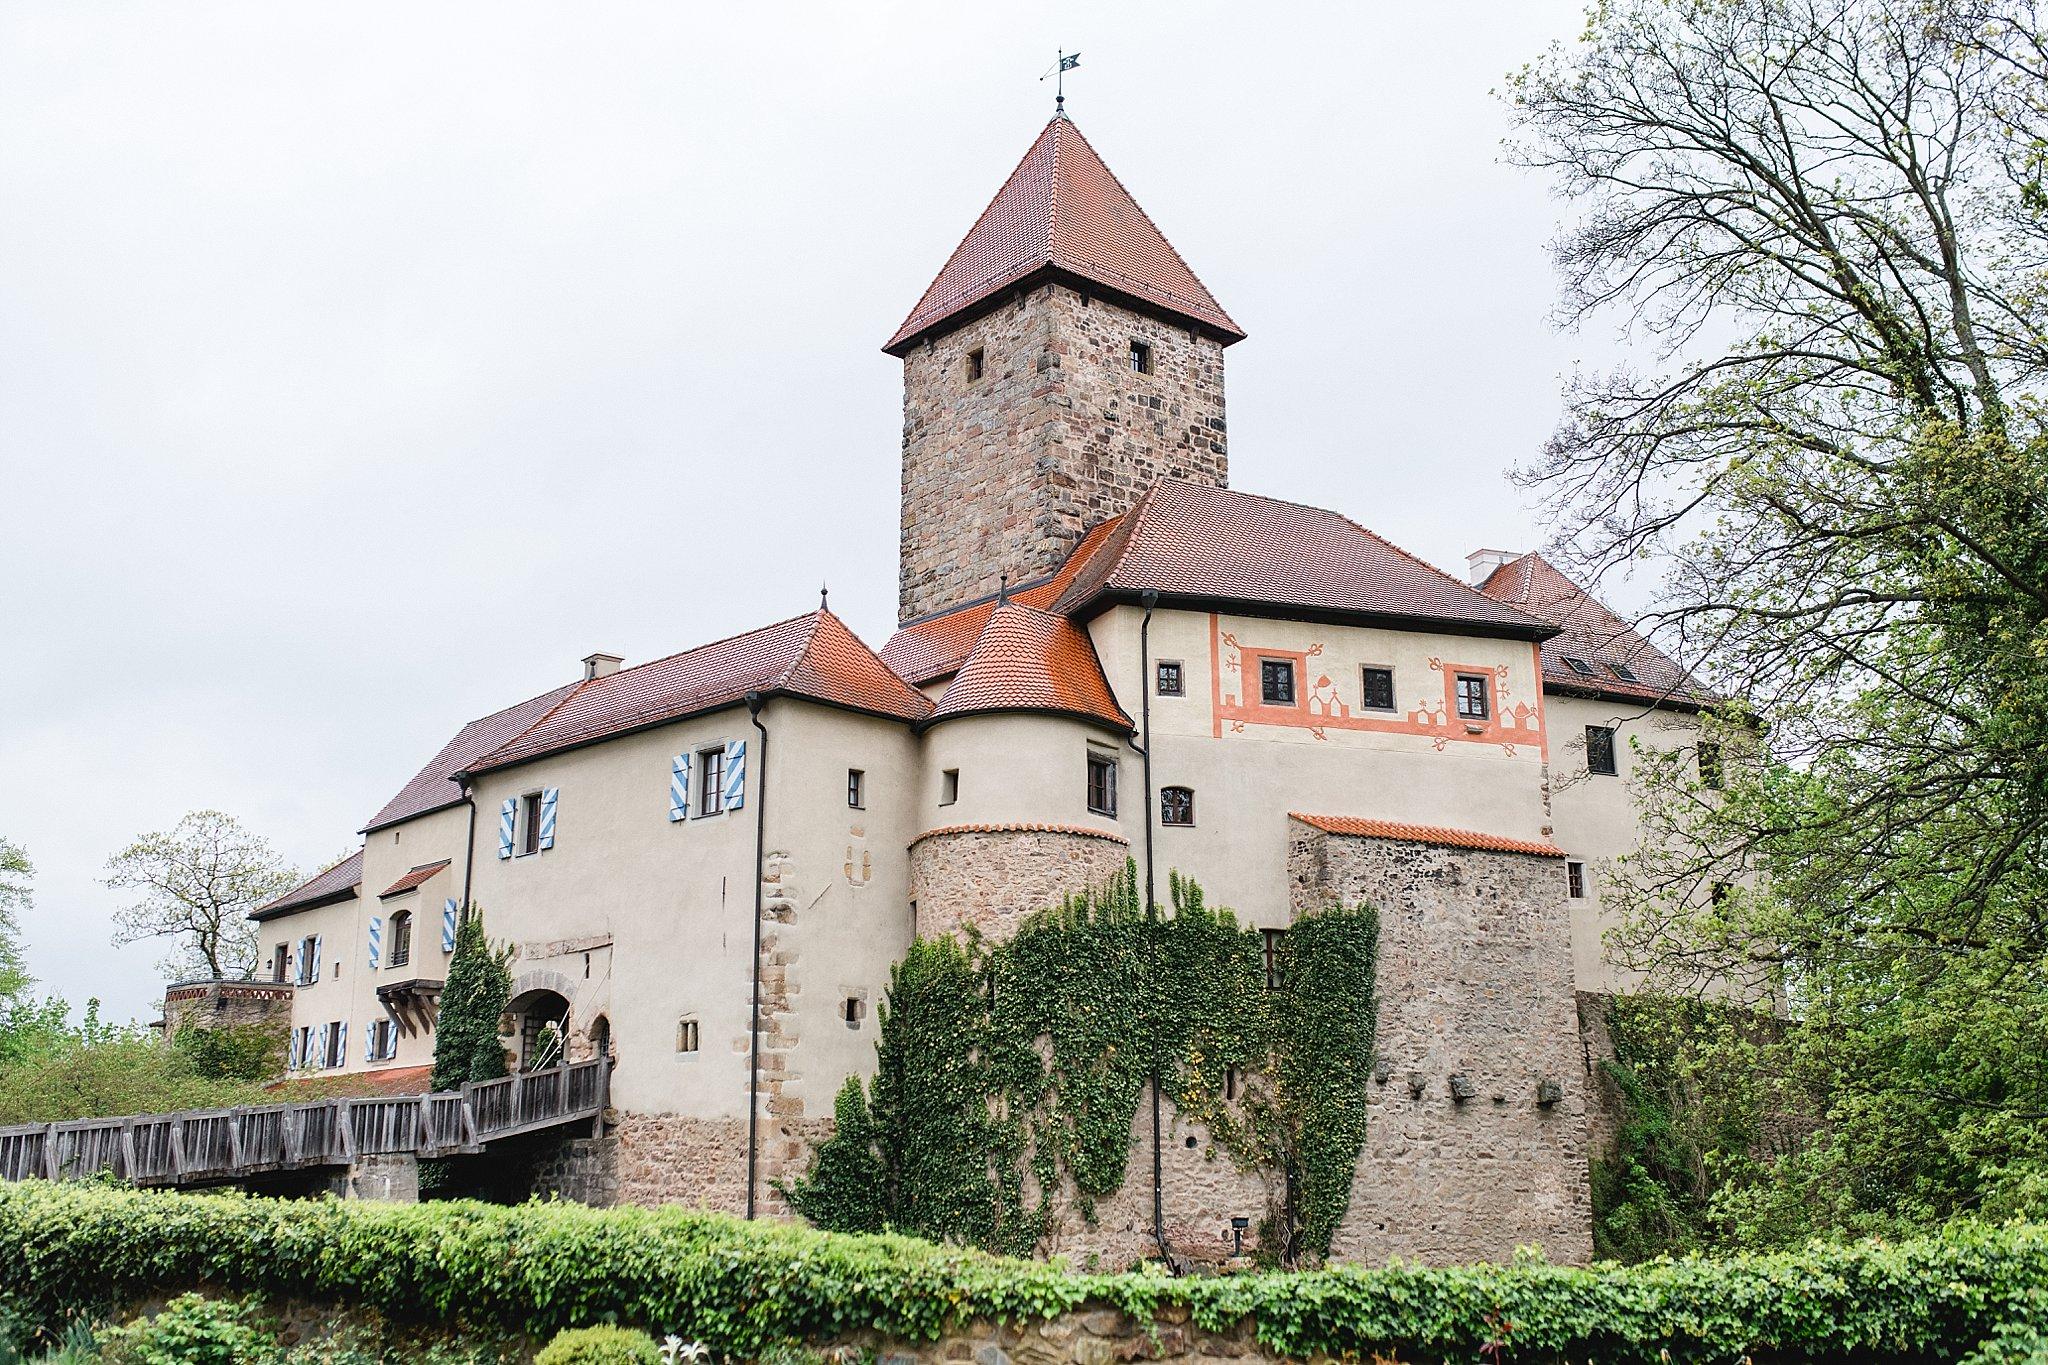 Hochzeit-von-Marina-Dominik-auf-Burg-Wernberg-und-Schloss-Friedrichsburg-00057